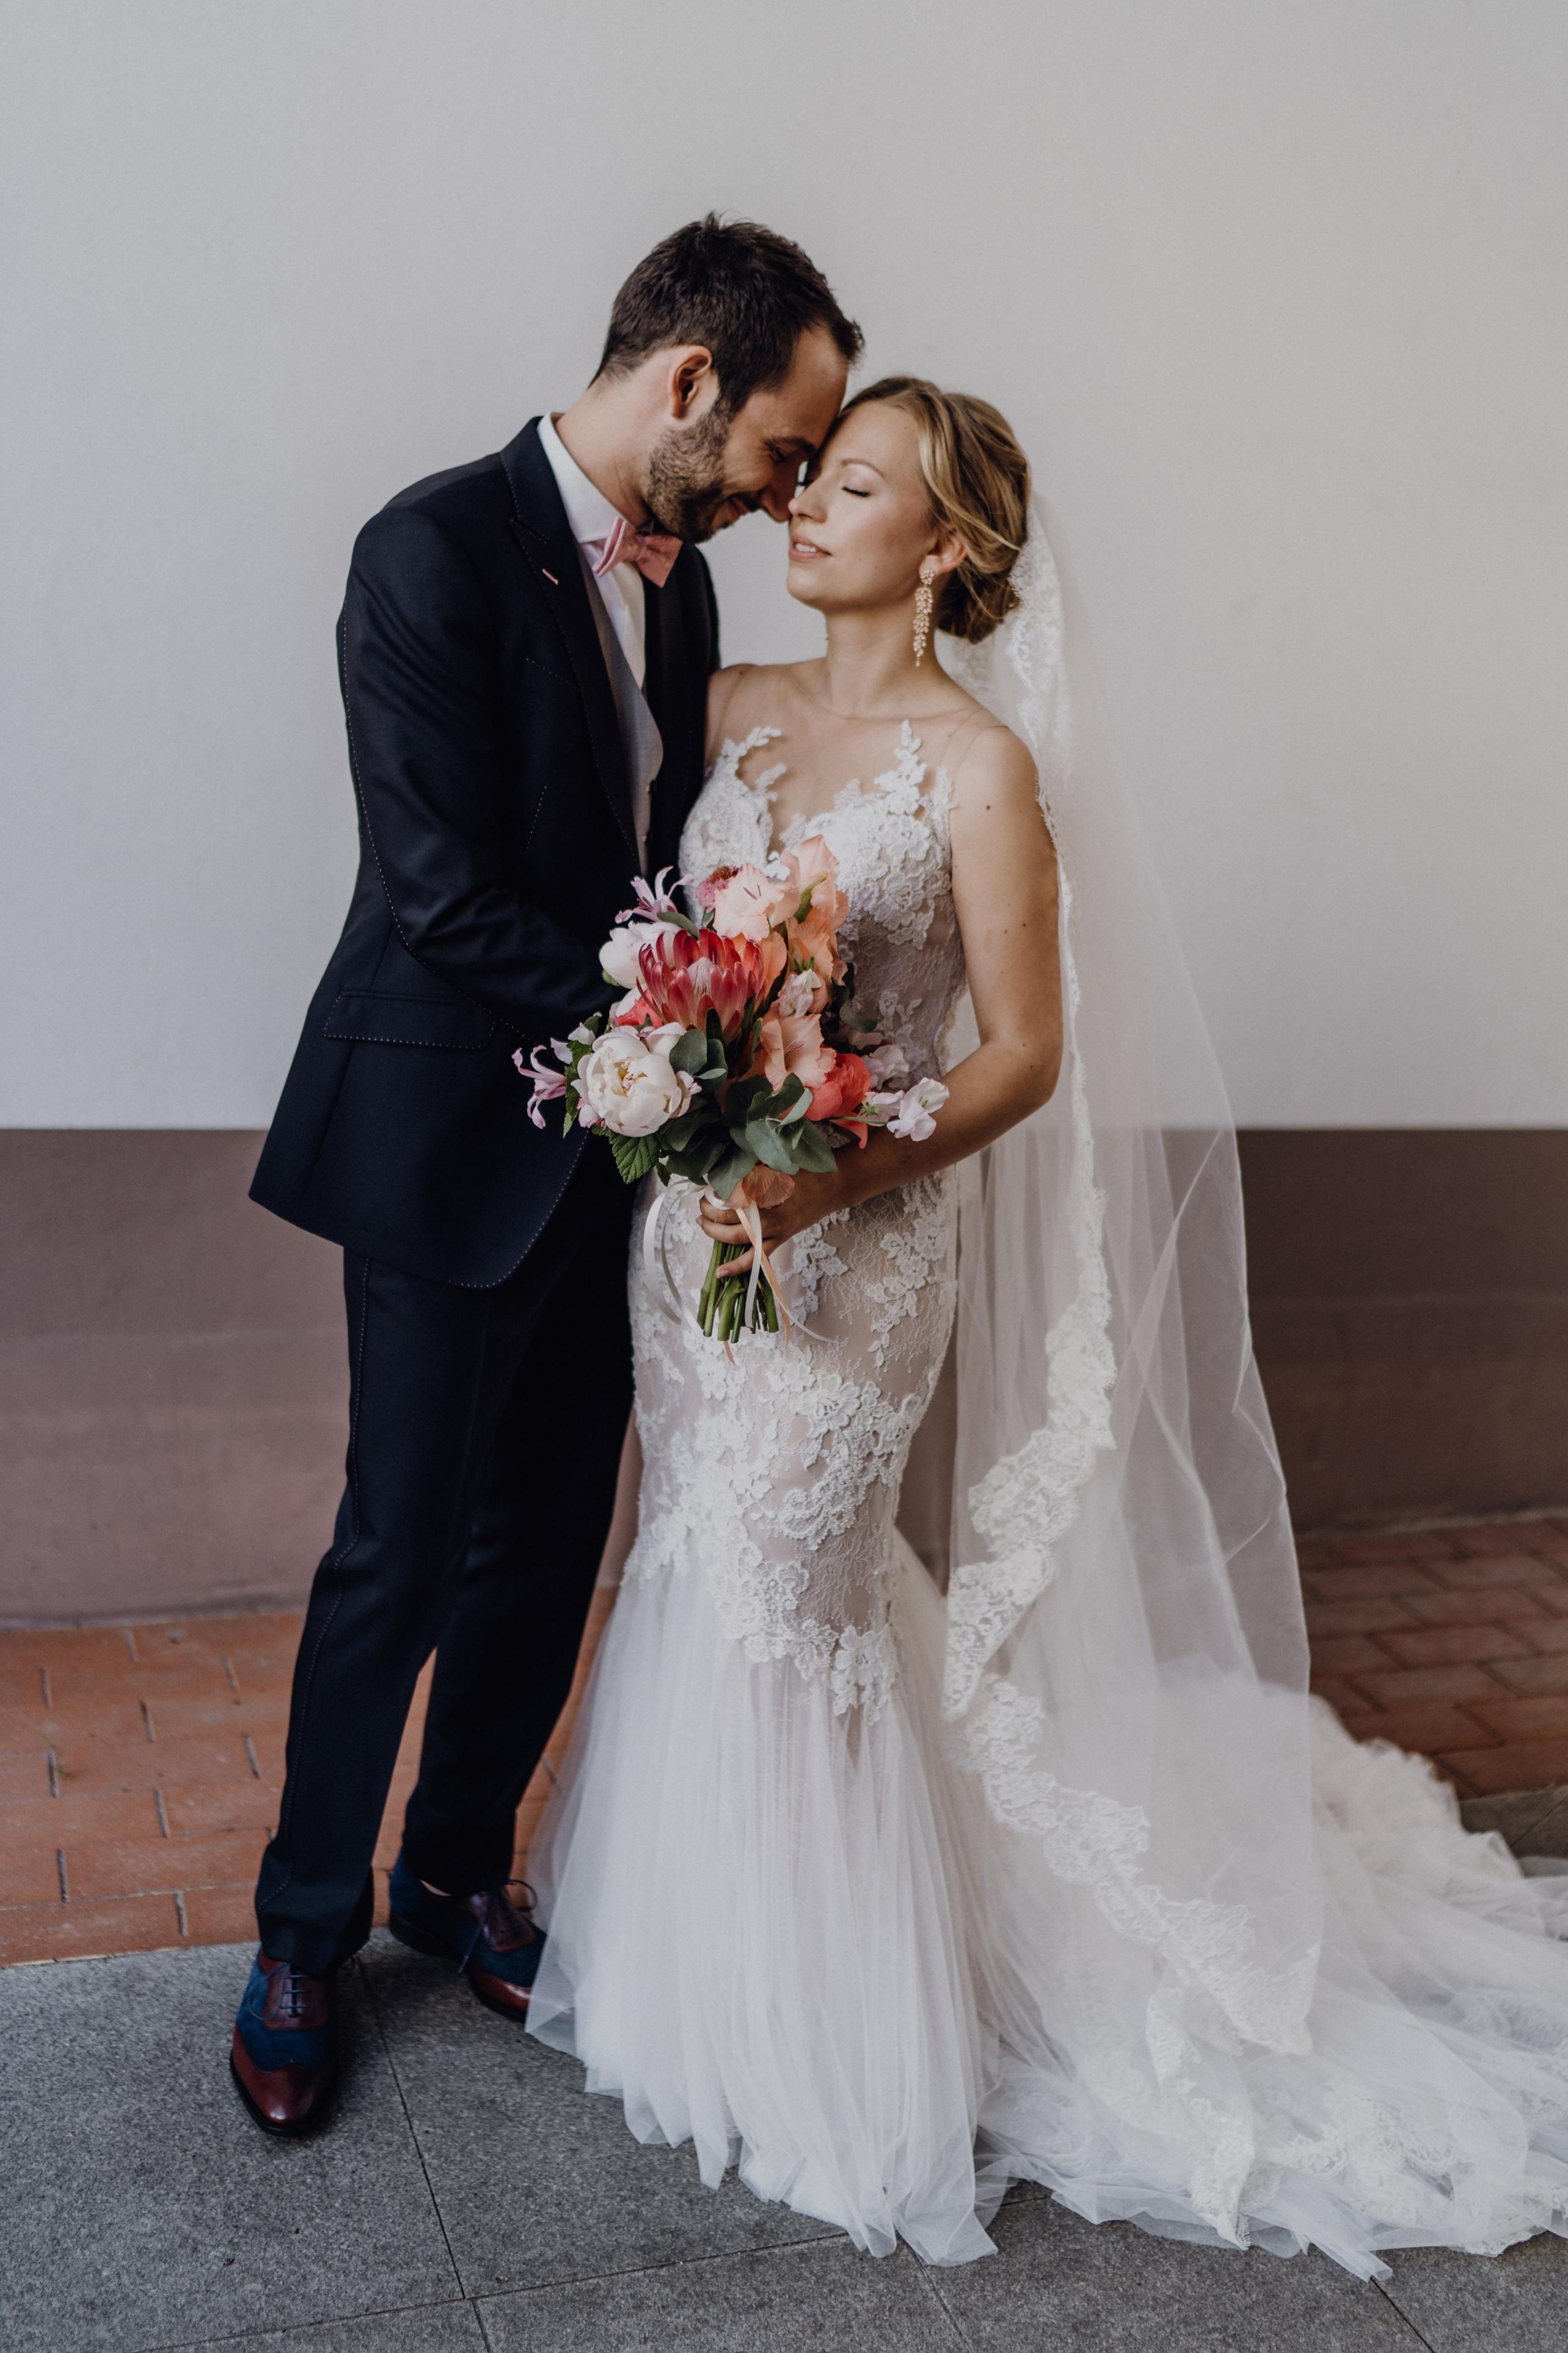 Hochzeitsfoto Brautpaar mit üppigem Brautstrauß mit Protea und Pfingstrosen von Marsano Blumen Berlin - Schloss Glienicke Hochzeitsfotograf Potsdam © www.hochzeitslicht.de